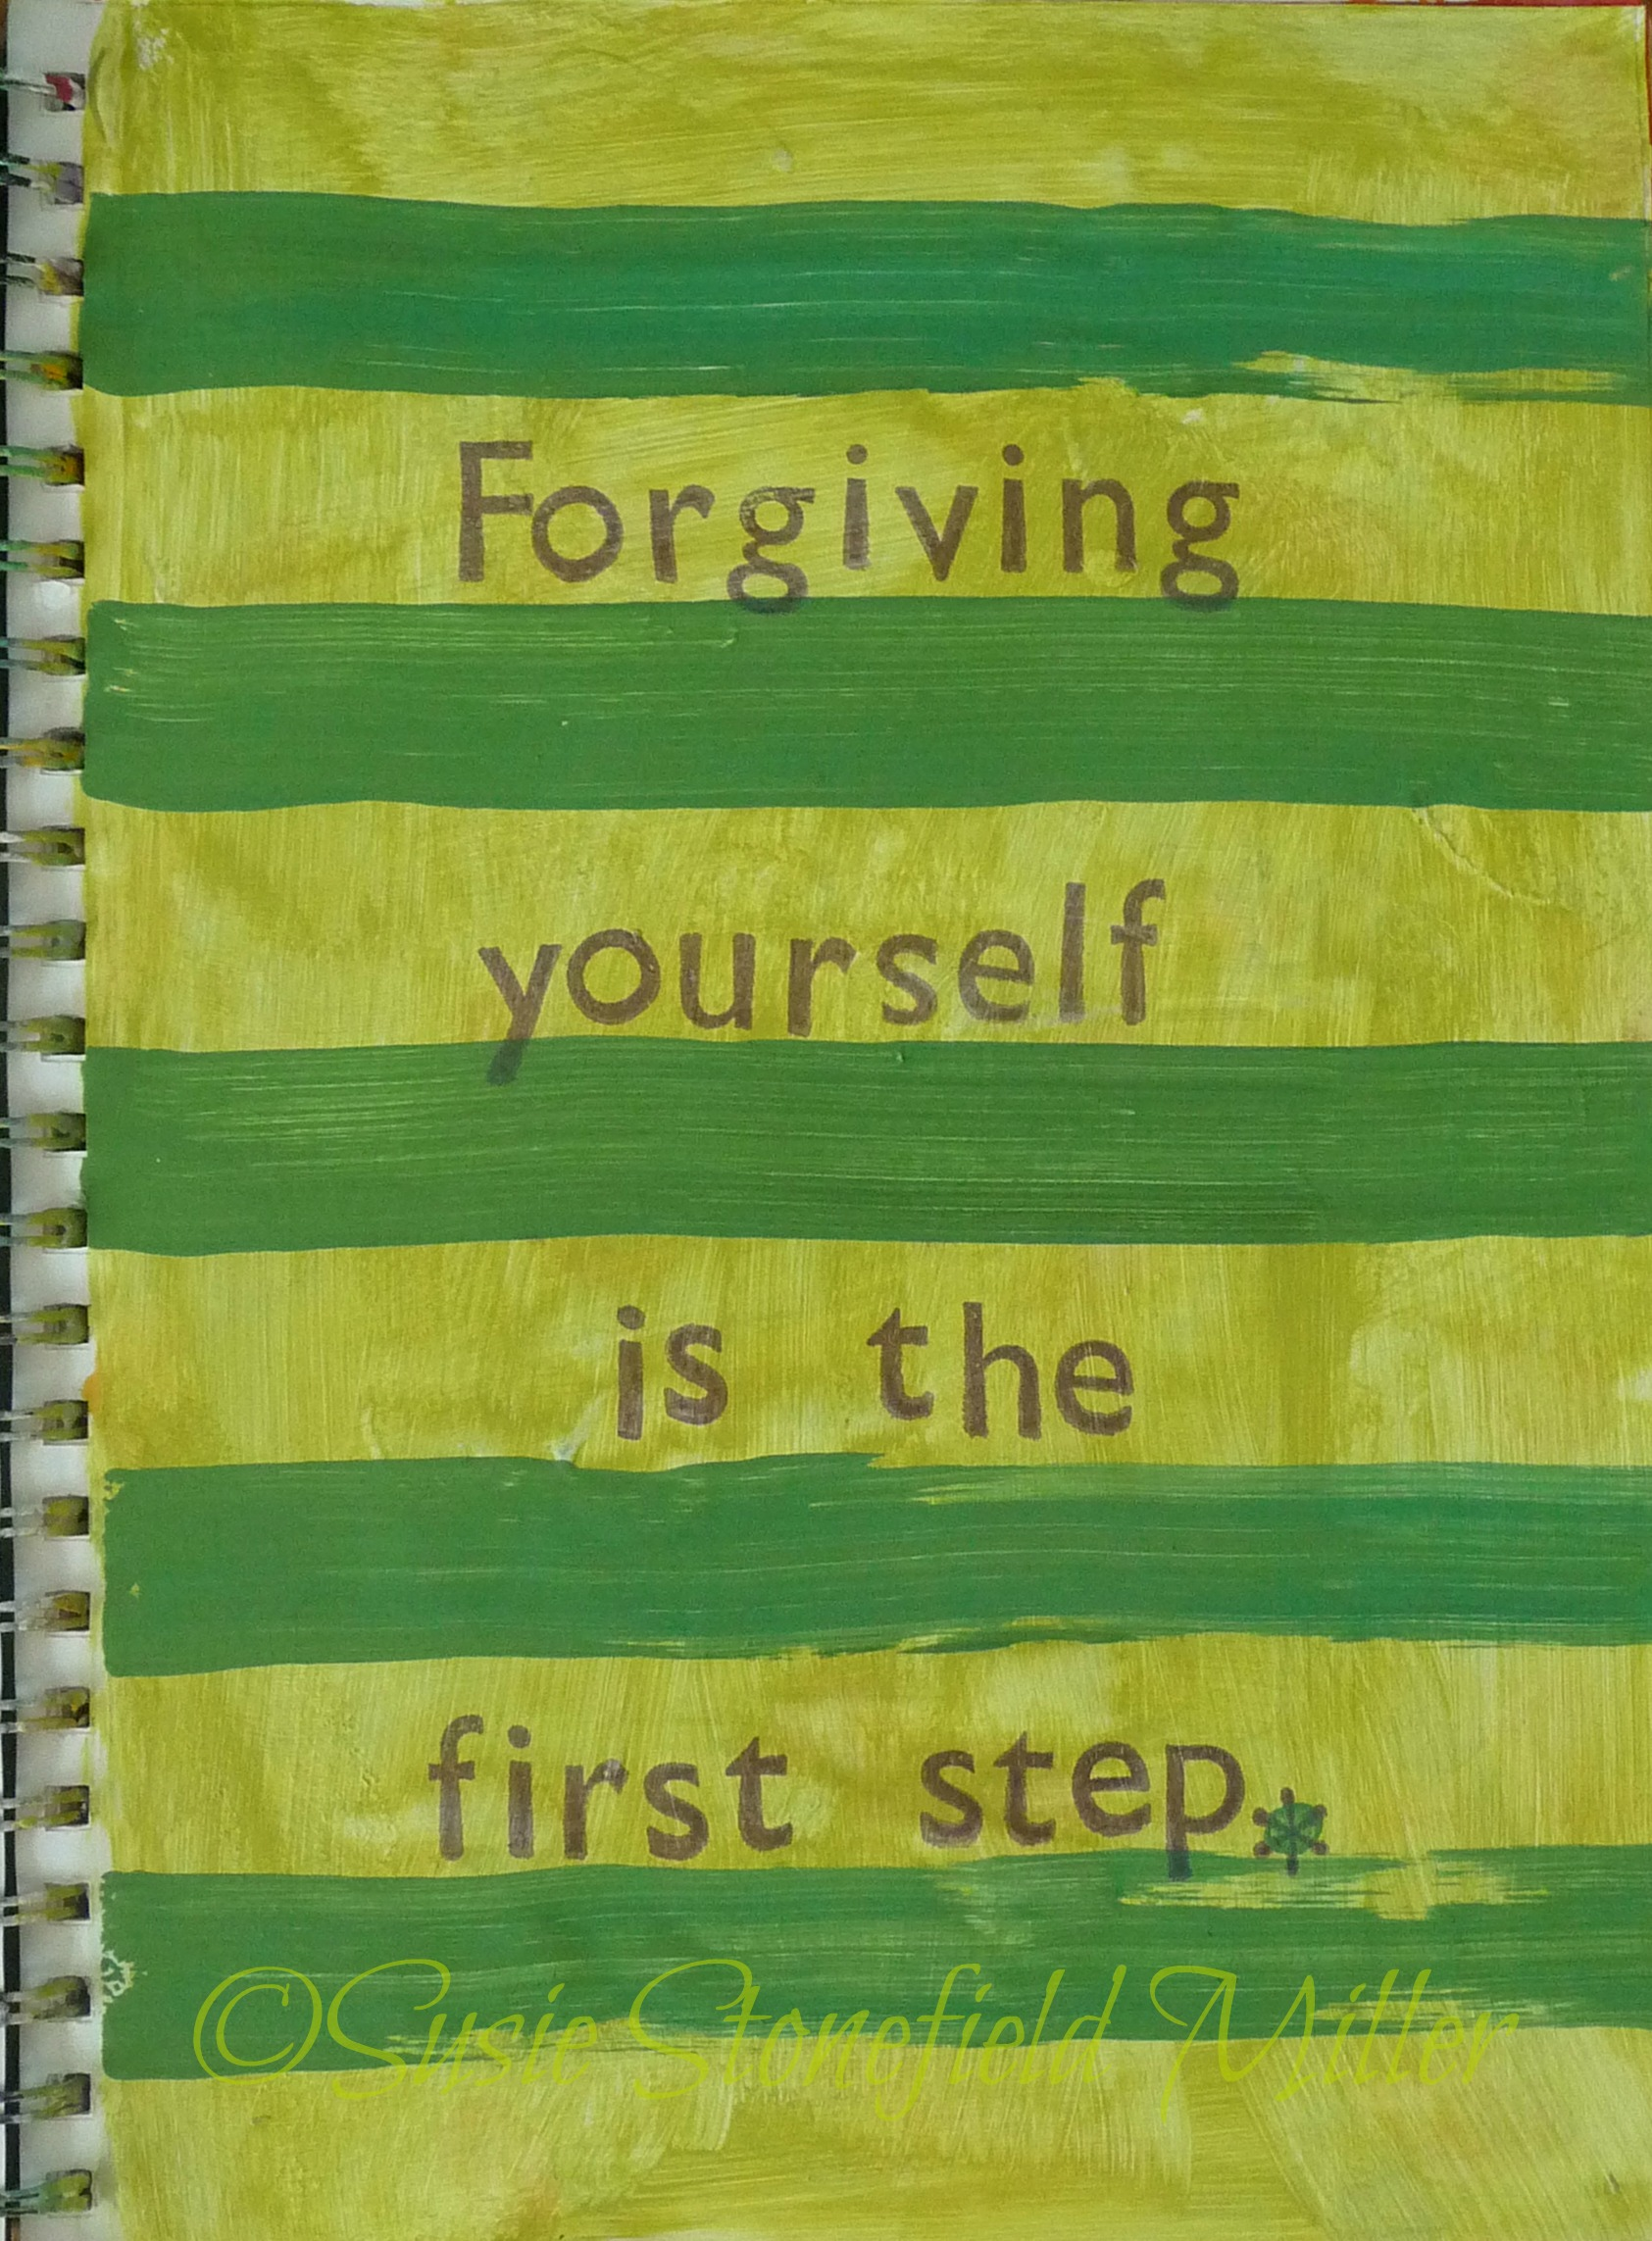 forgivingyourself wm.jpg